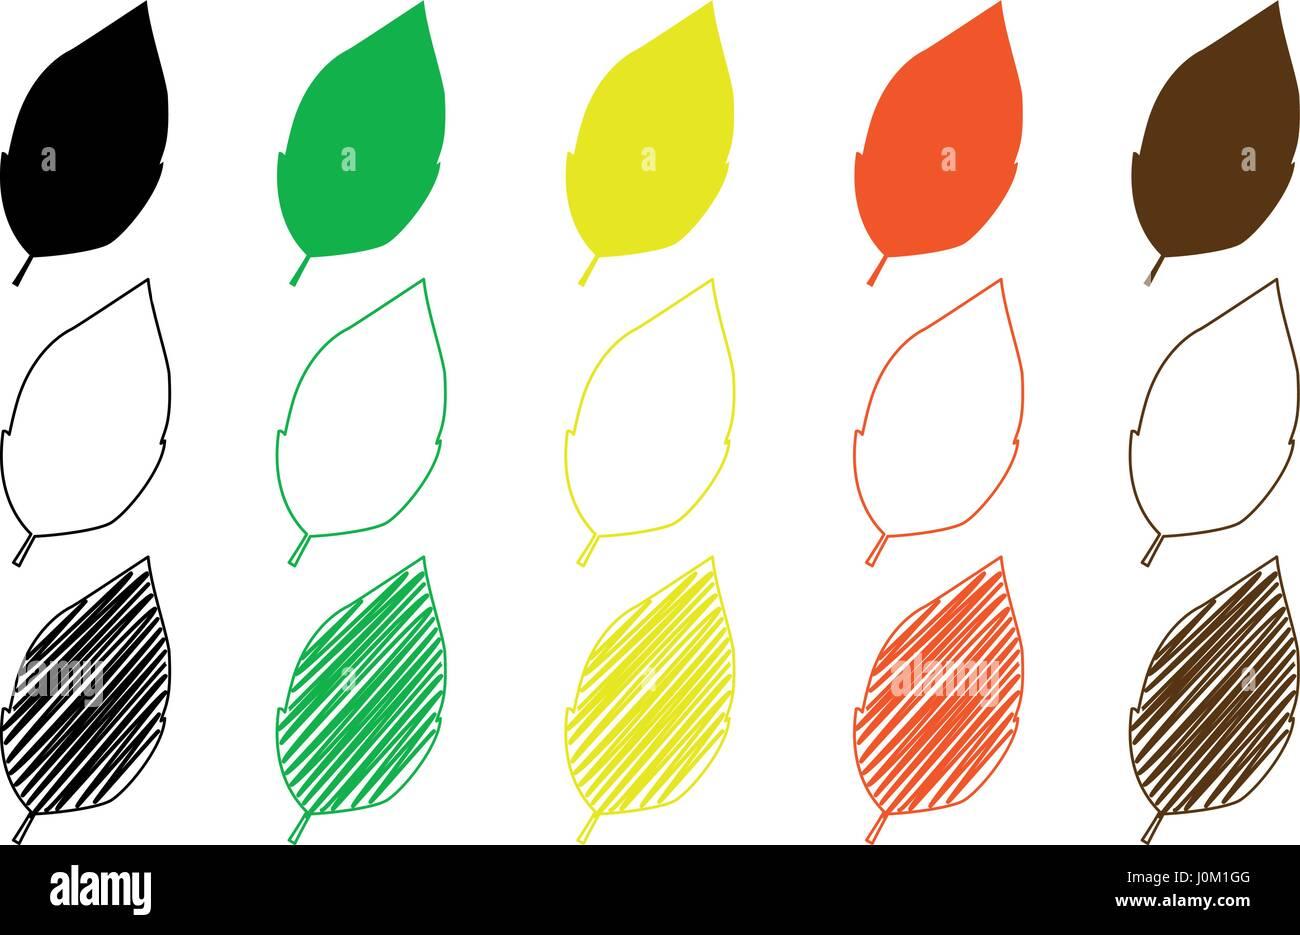 tobacco leaf vector illustration - set - Stock Vector